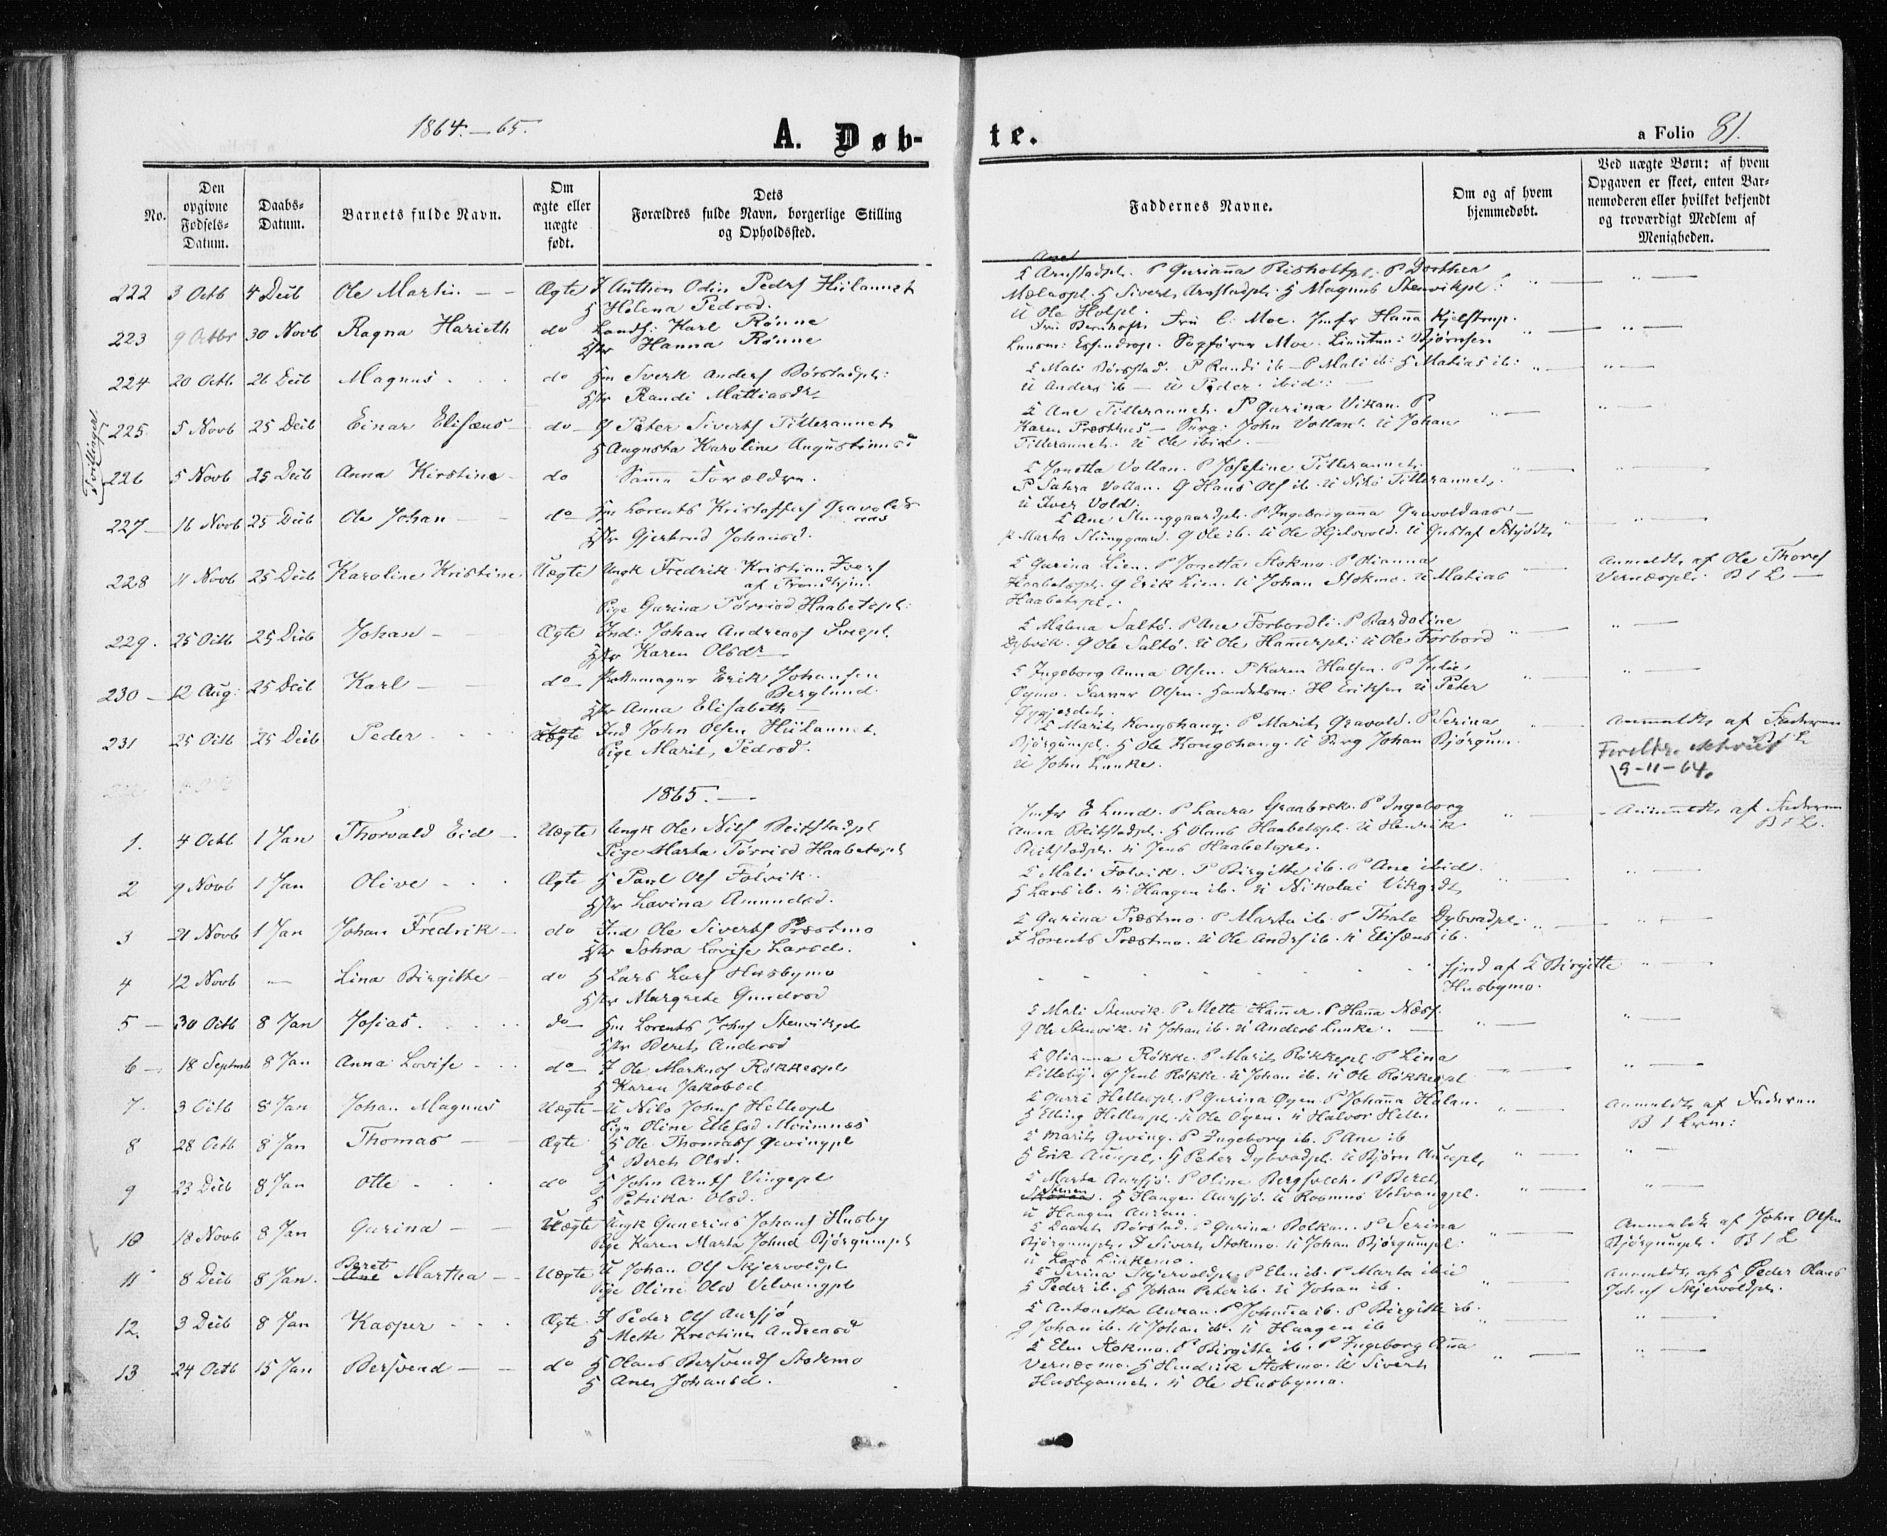 SAT, Ministerialprotokoller, klokkerbøker og fødselsregistre - Nord-Trøndelag, 709/L0075: Ministerialbok nr. 709A15, 1859-1870, s. 81